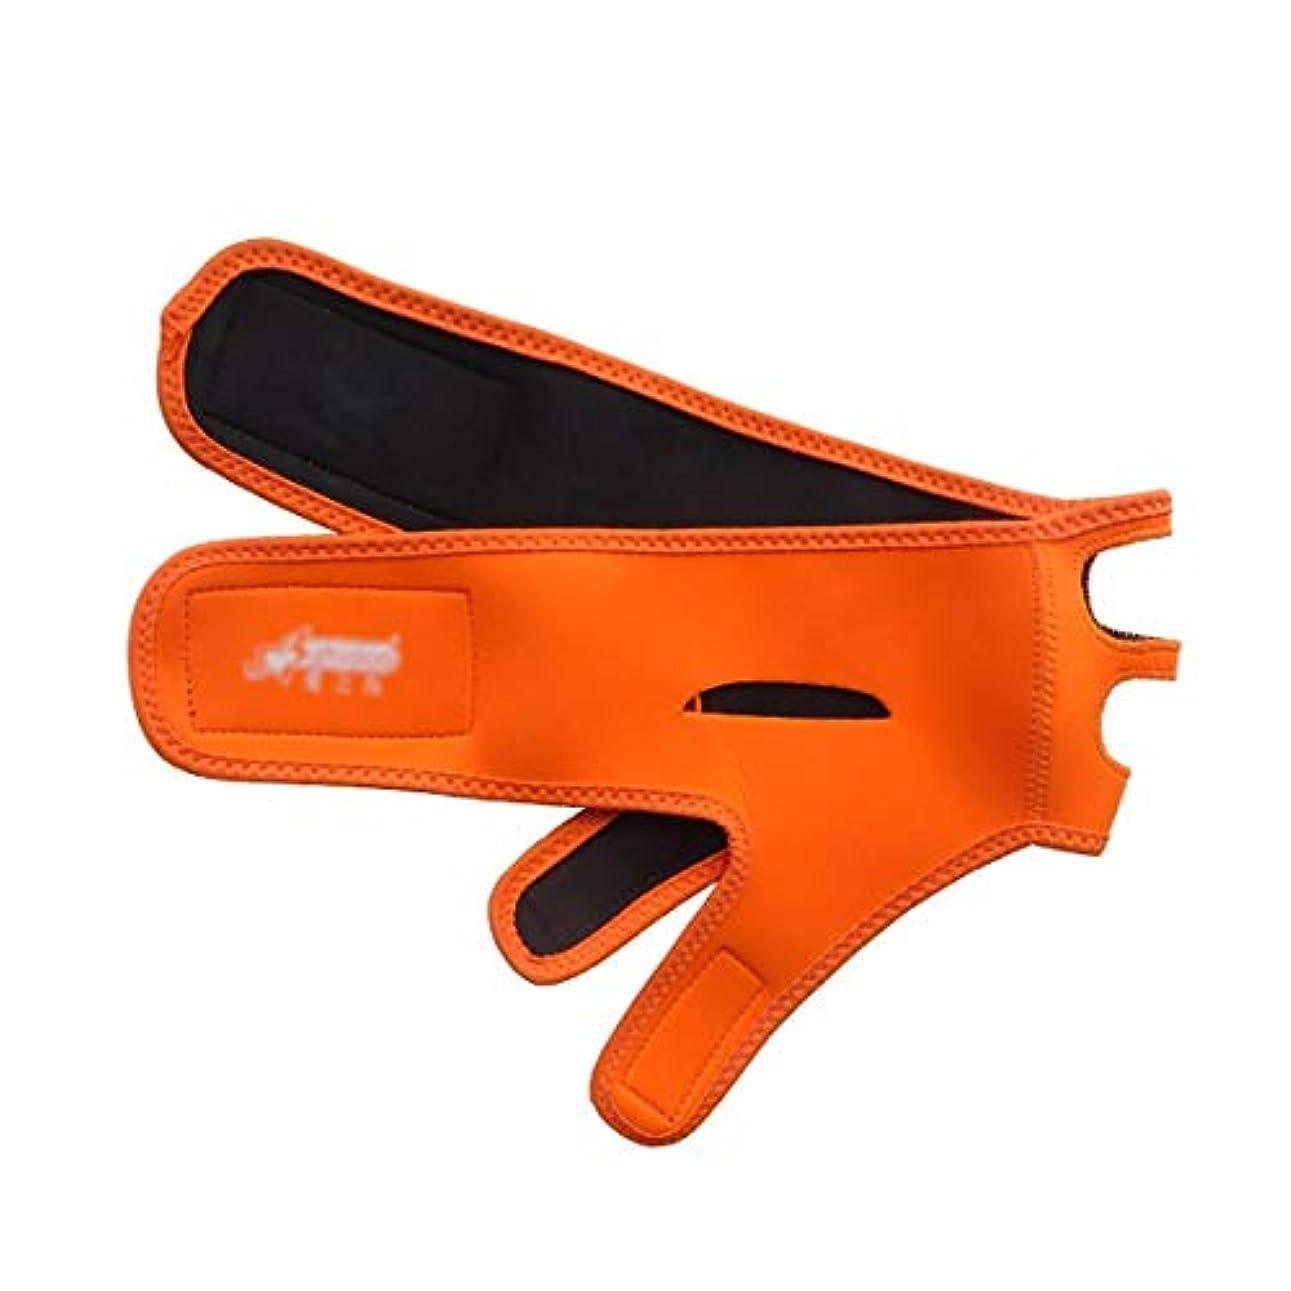 吸収する製品木材ファーミングフェイスマスク、フェイスリフトフェイシャルフェイスフェイスアーティファクトVフェイスリフティングフェイスバンデージシンフェイスマスクフェイスリフトフェイシャルマッサージャー(色:B)